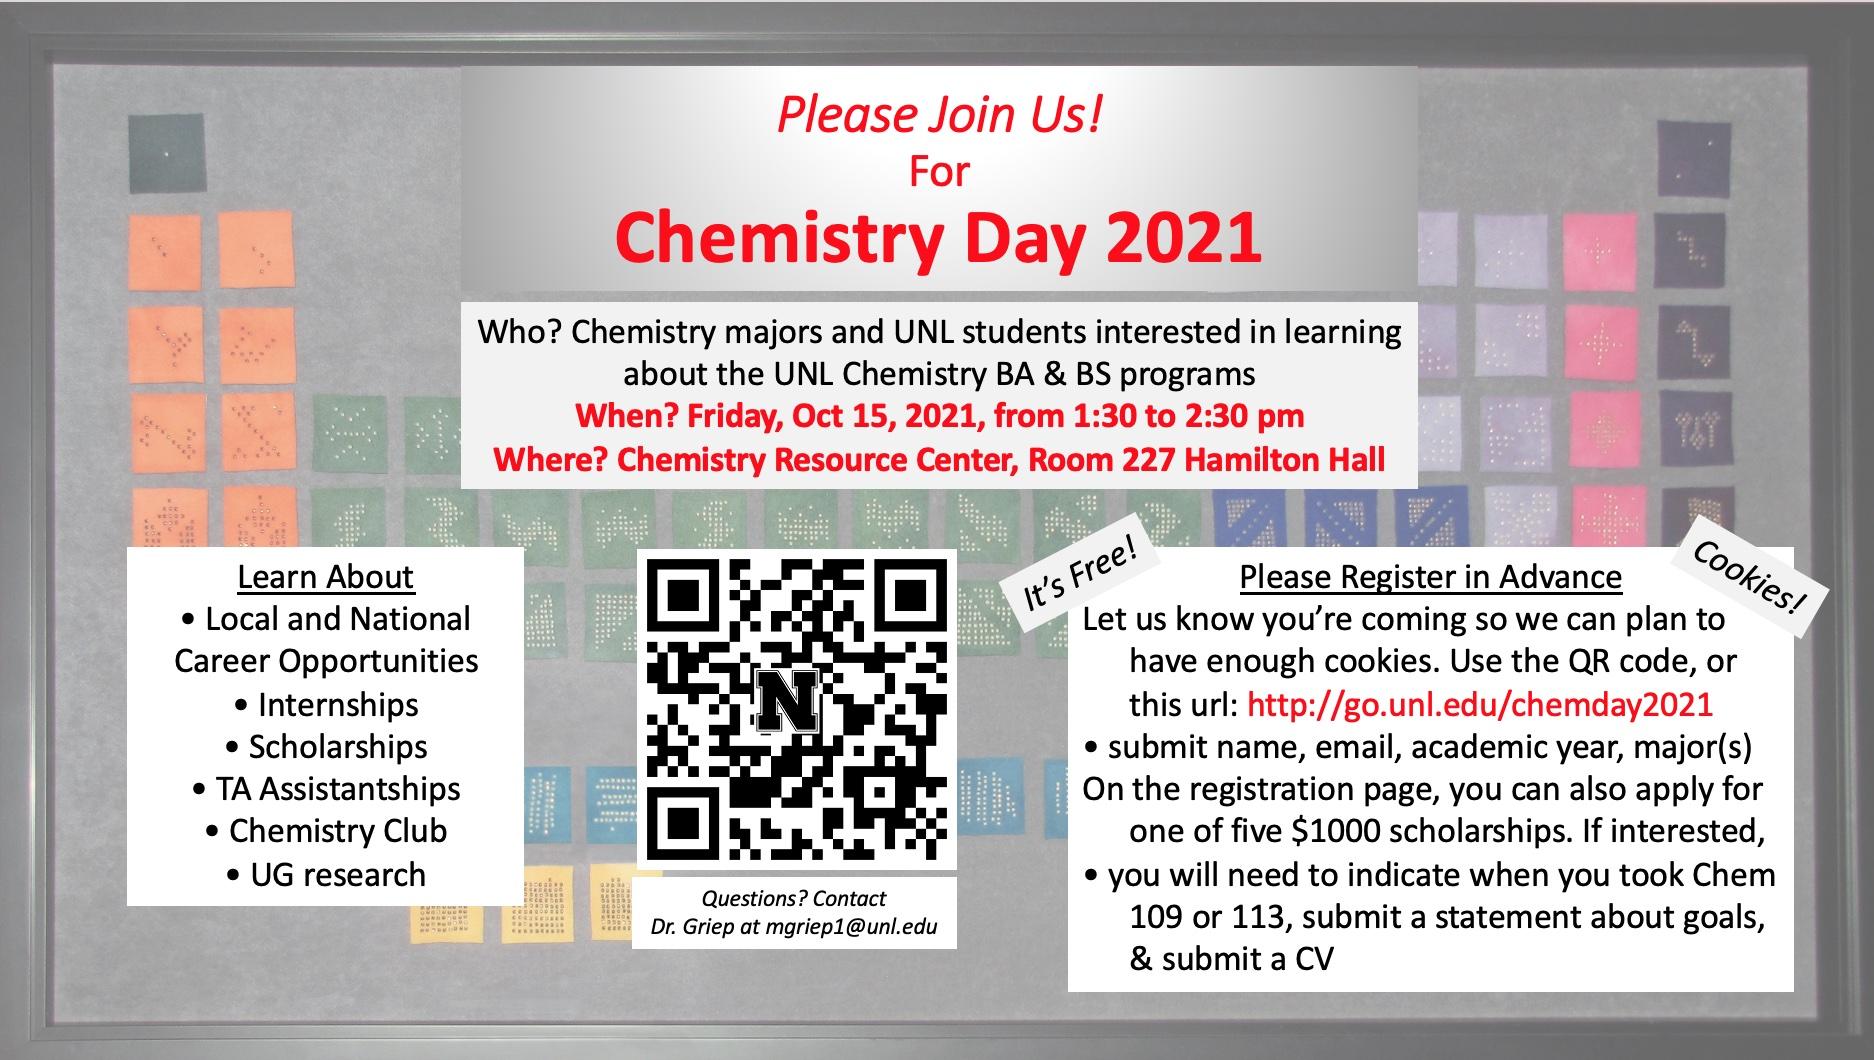 2021 Chemistry Day